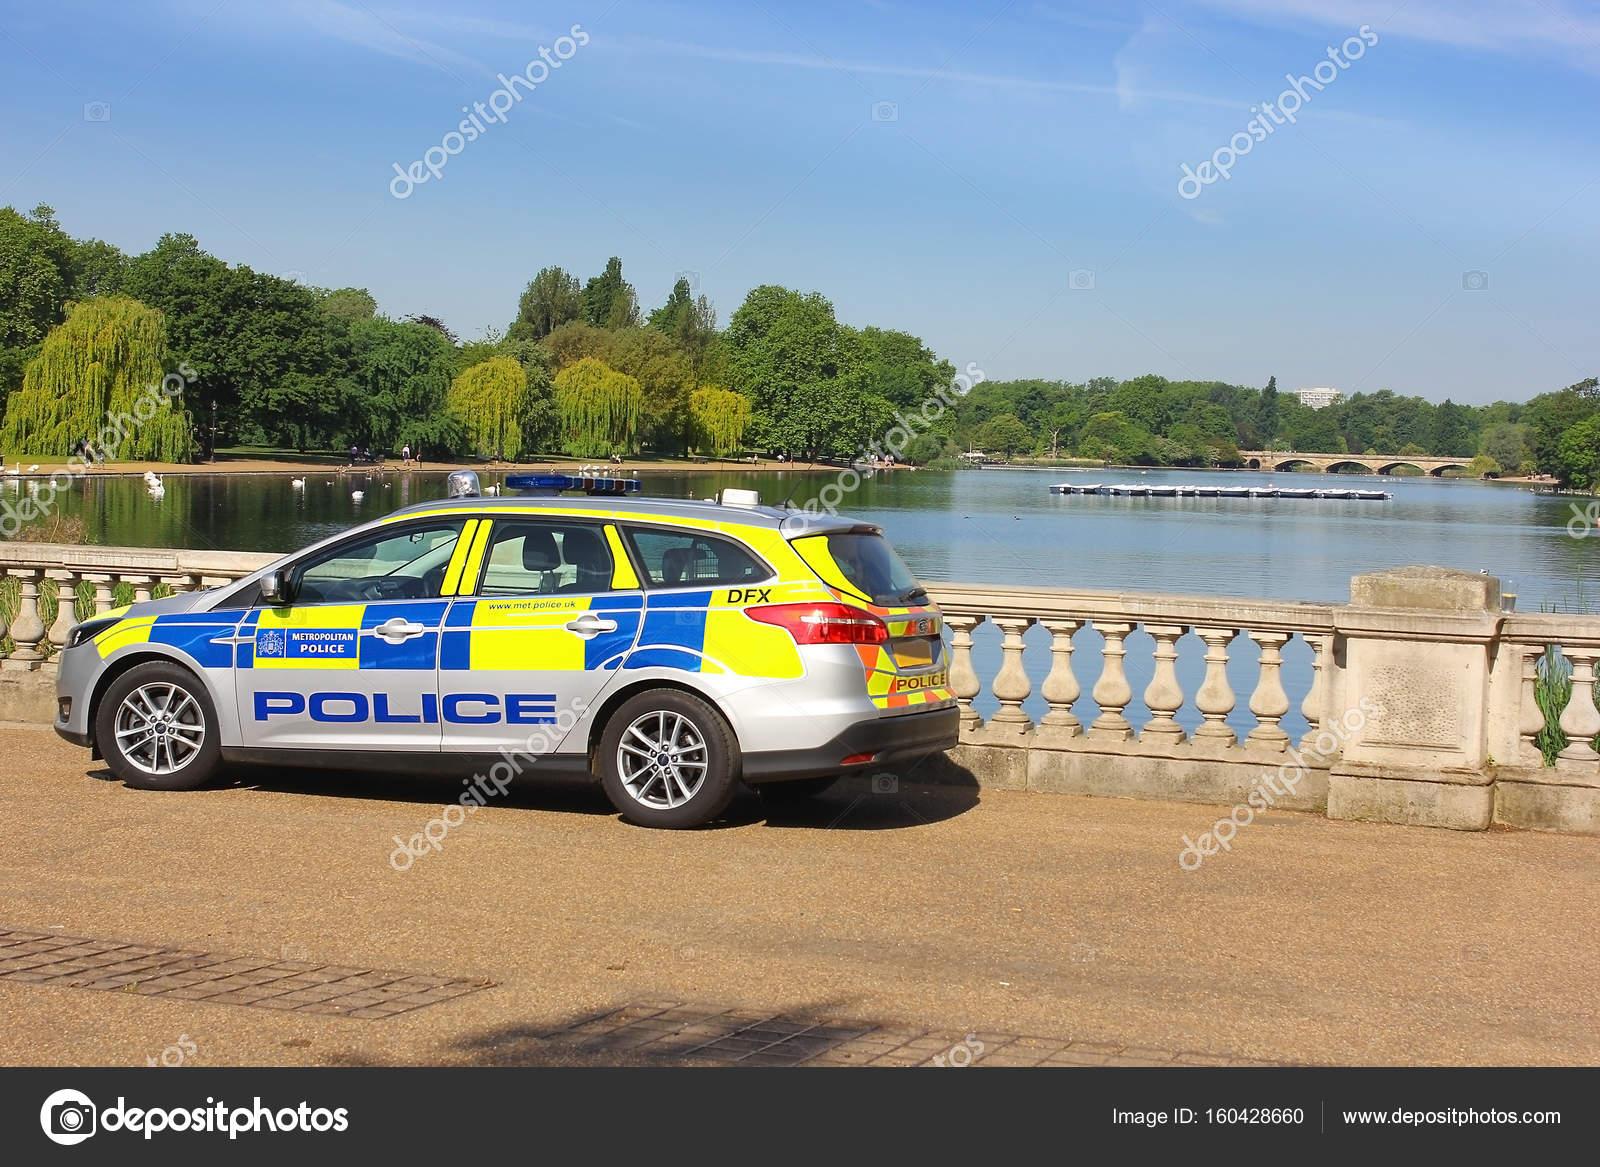 police serpentine